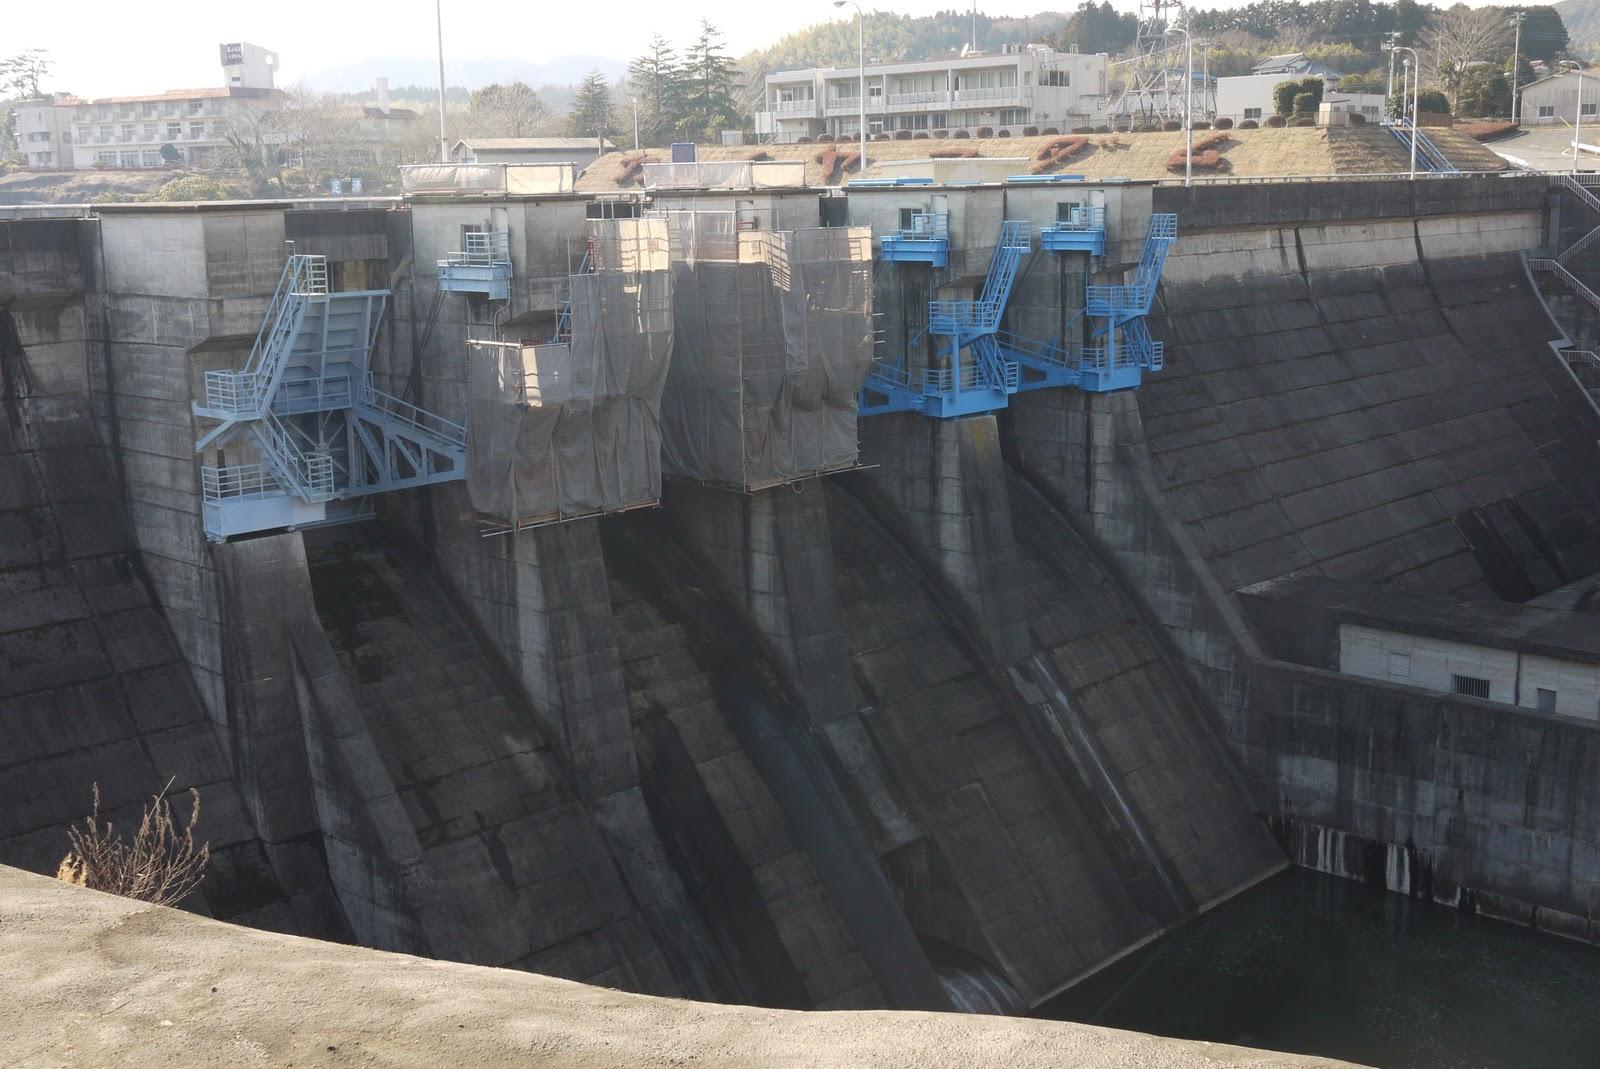 ダムって想像しやすいダムっぽいダム ラジアルゲートがかっこいい 足場の... Maximum S